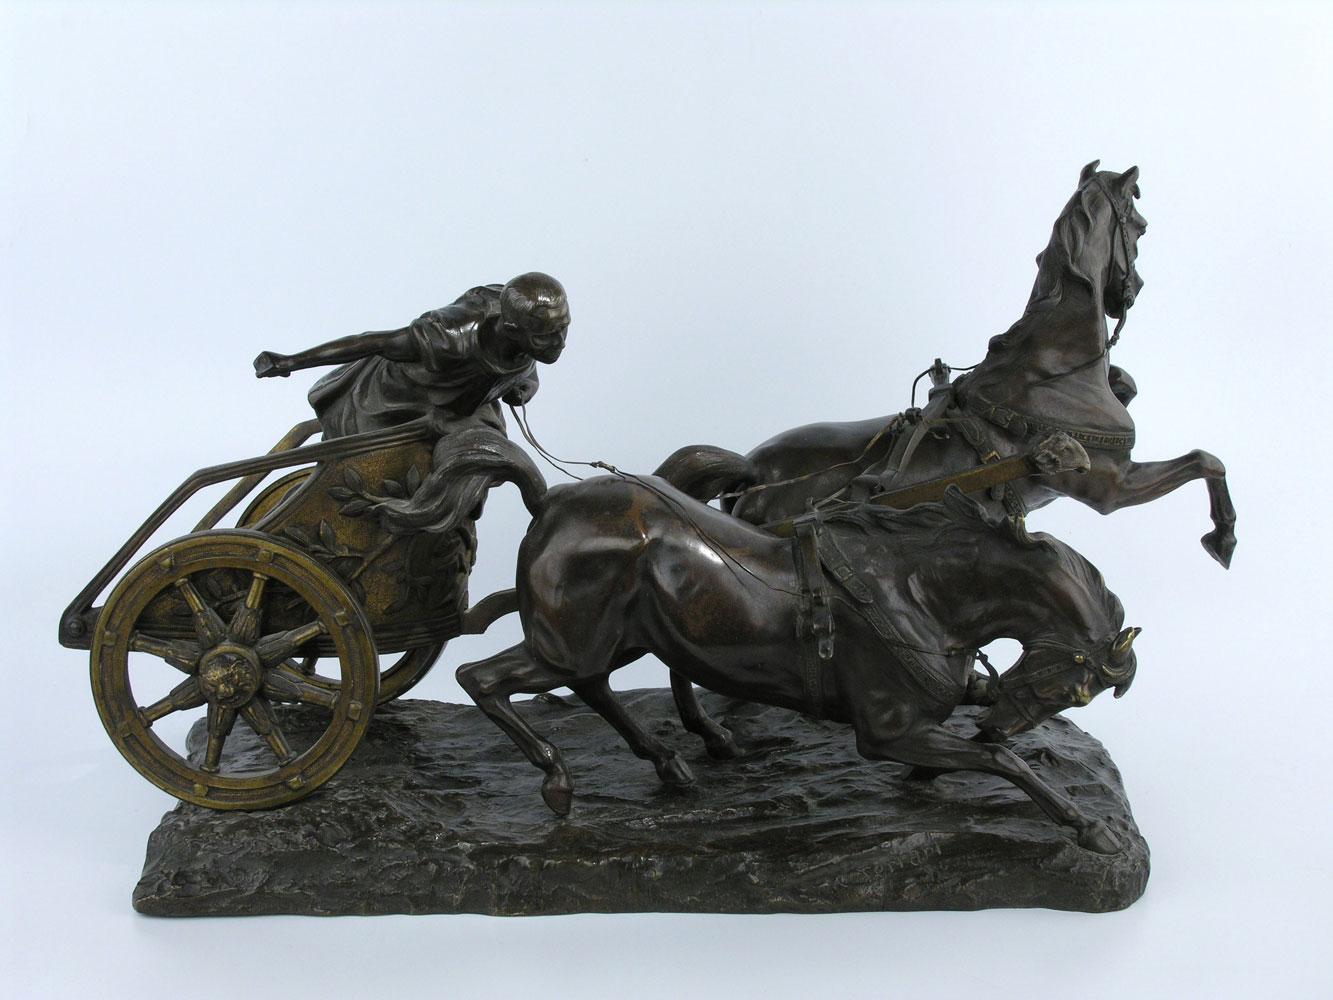 Cesare Mario Ferrari Italienischer Bildhauer des 19. Jahrhunderts